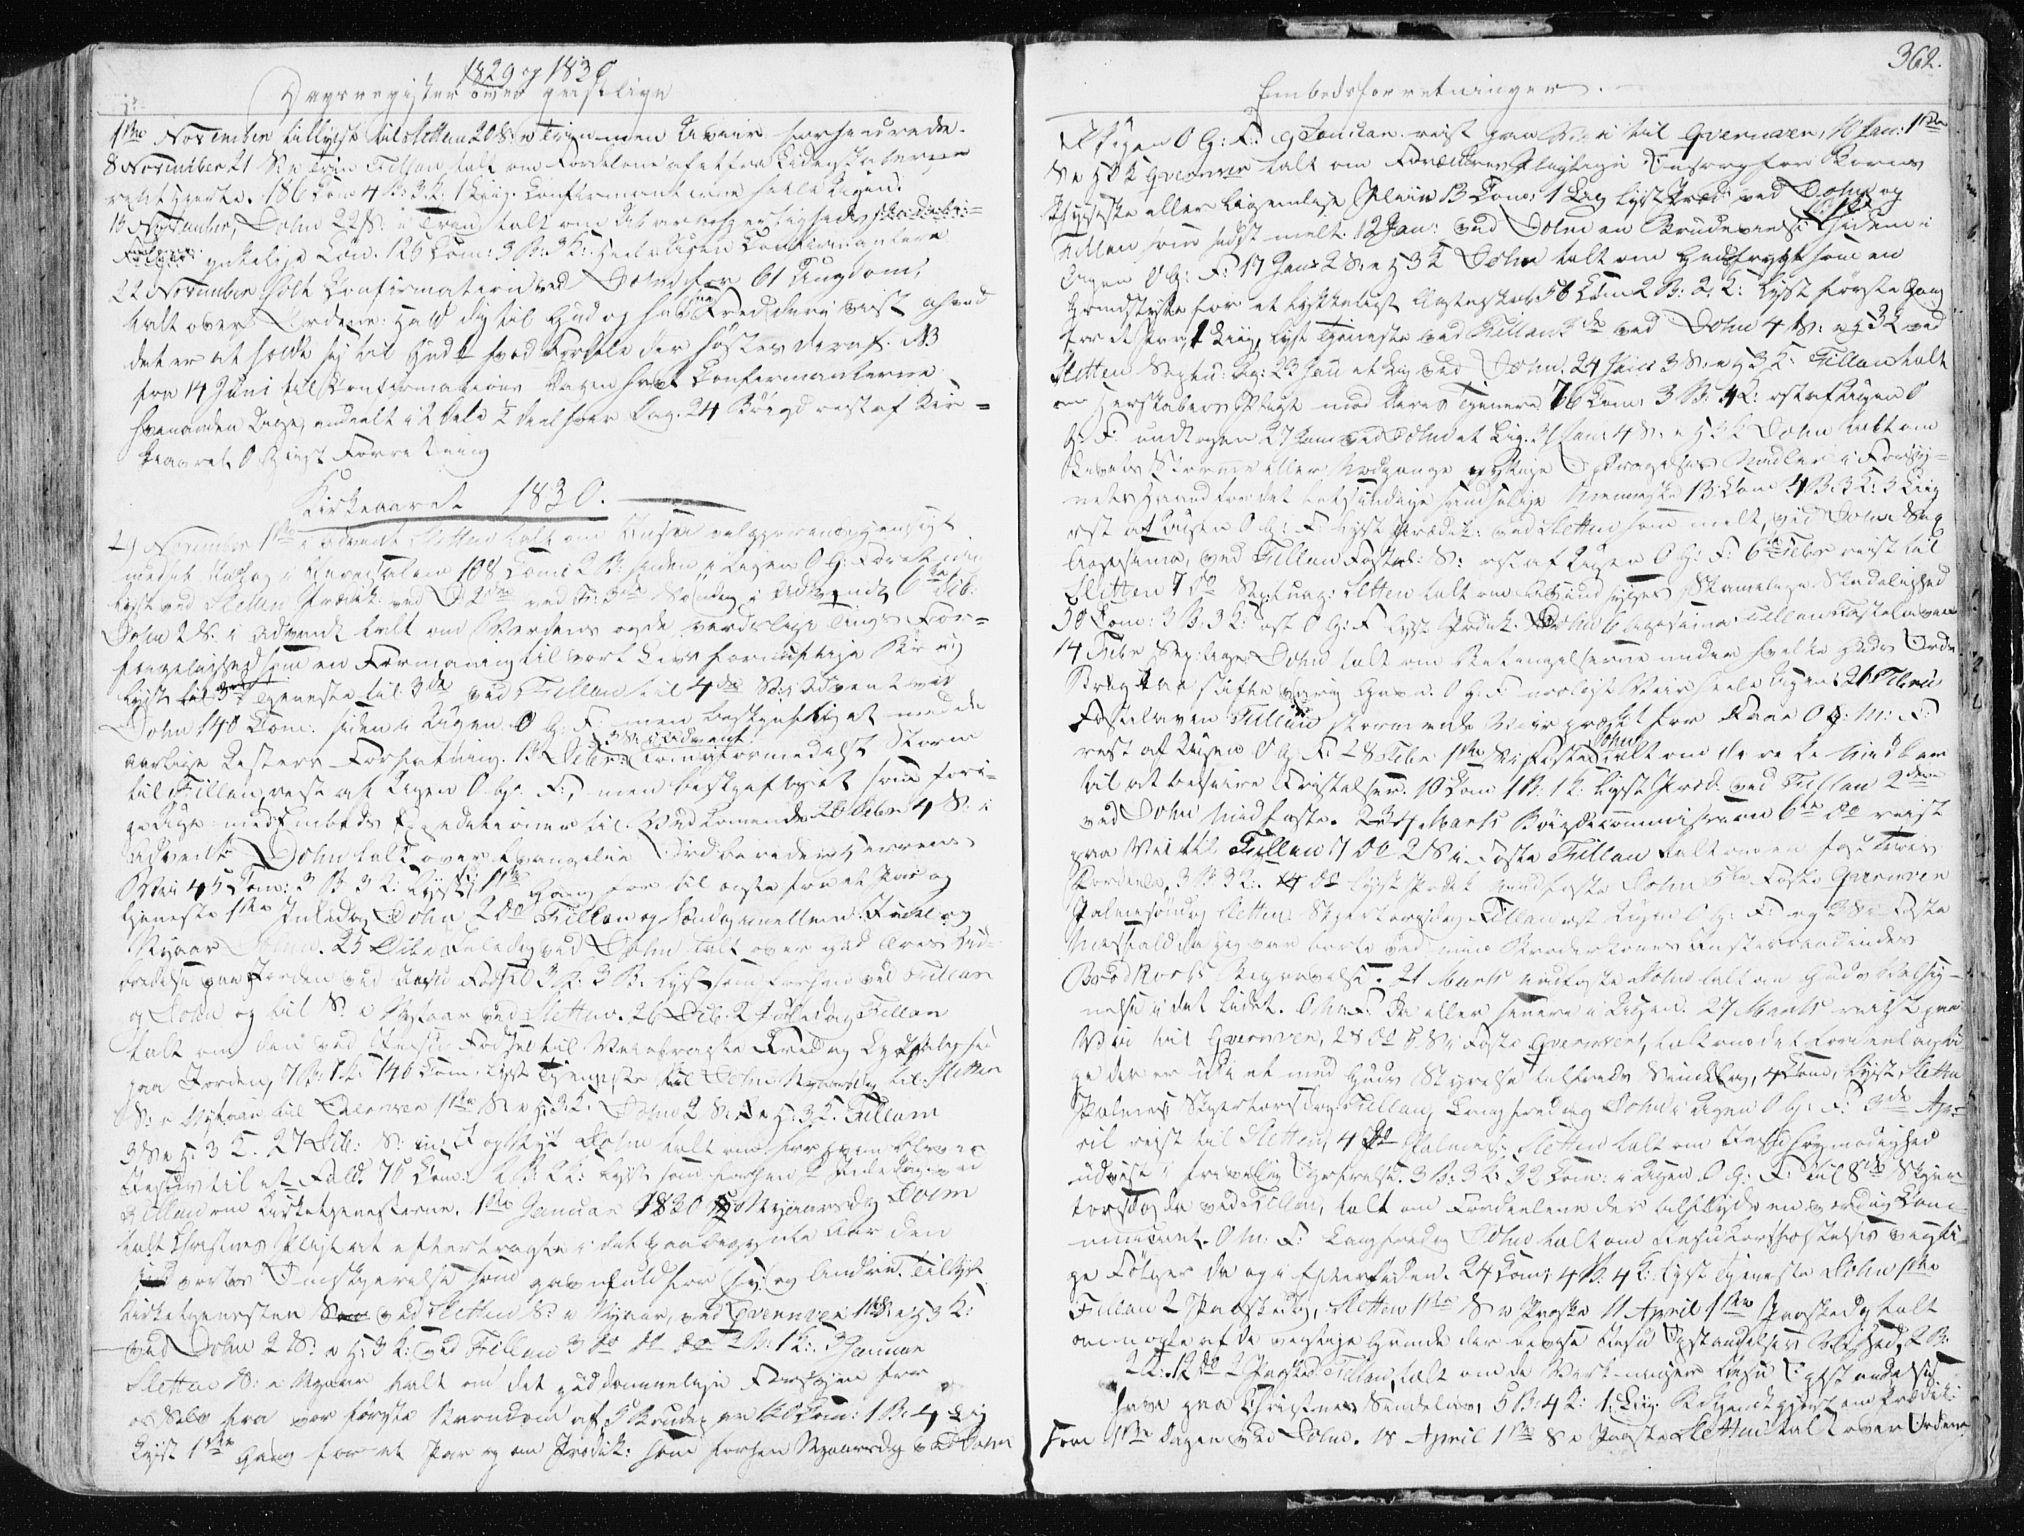 SAT, Ministerialprotokoller, klokkerbøker og fødselsregistre - Sør-Trøndelag, 634/L0528: Ministerialbok nr. 634A04, 1827-1842, s. 362